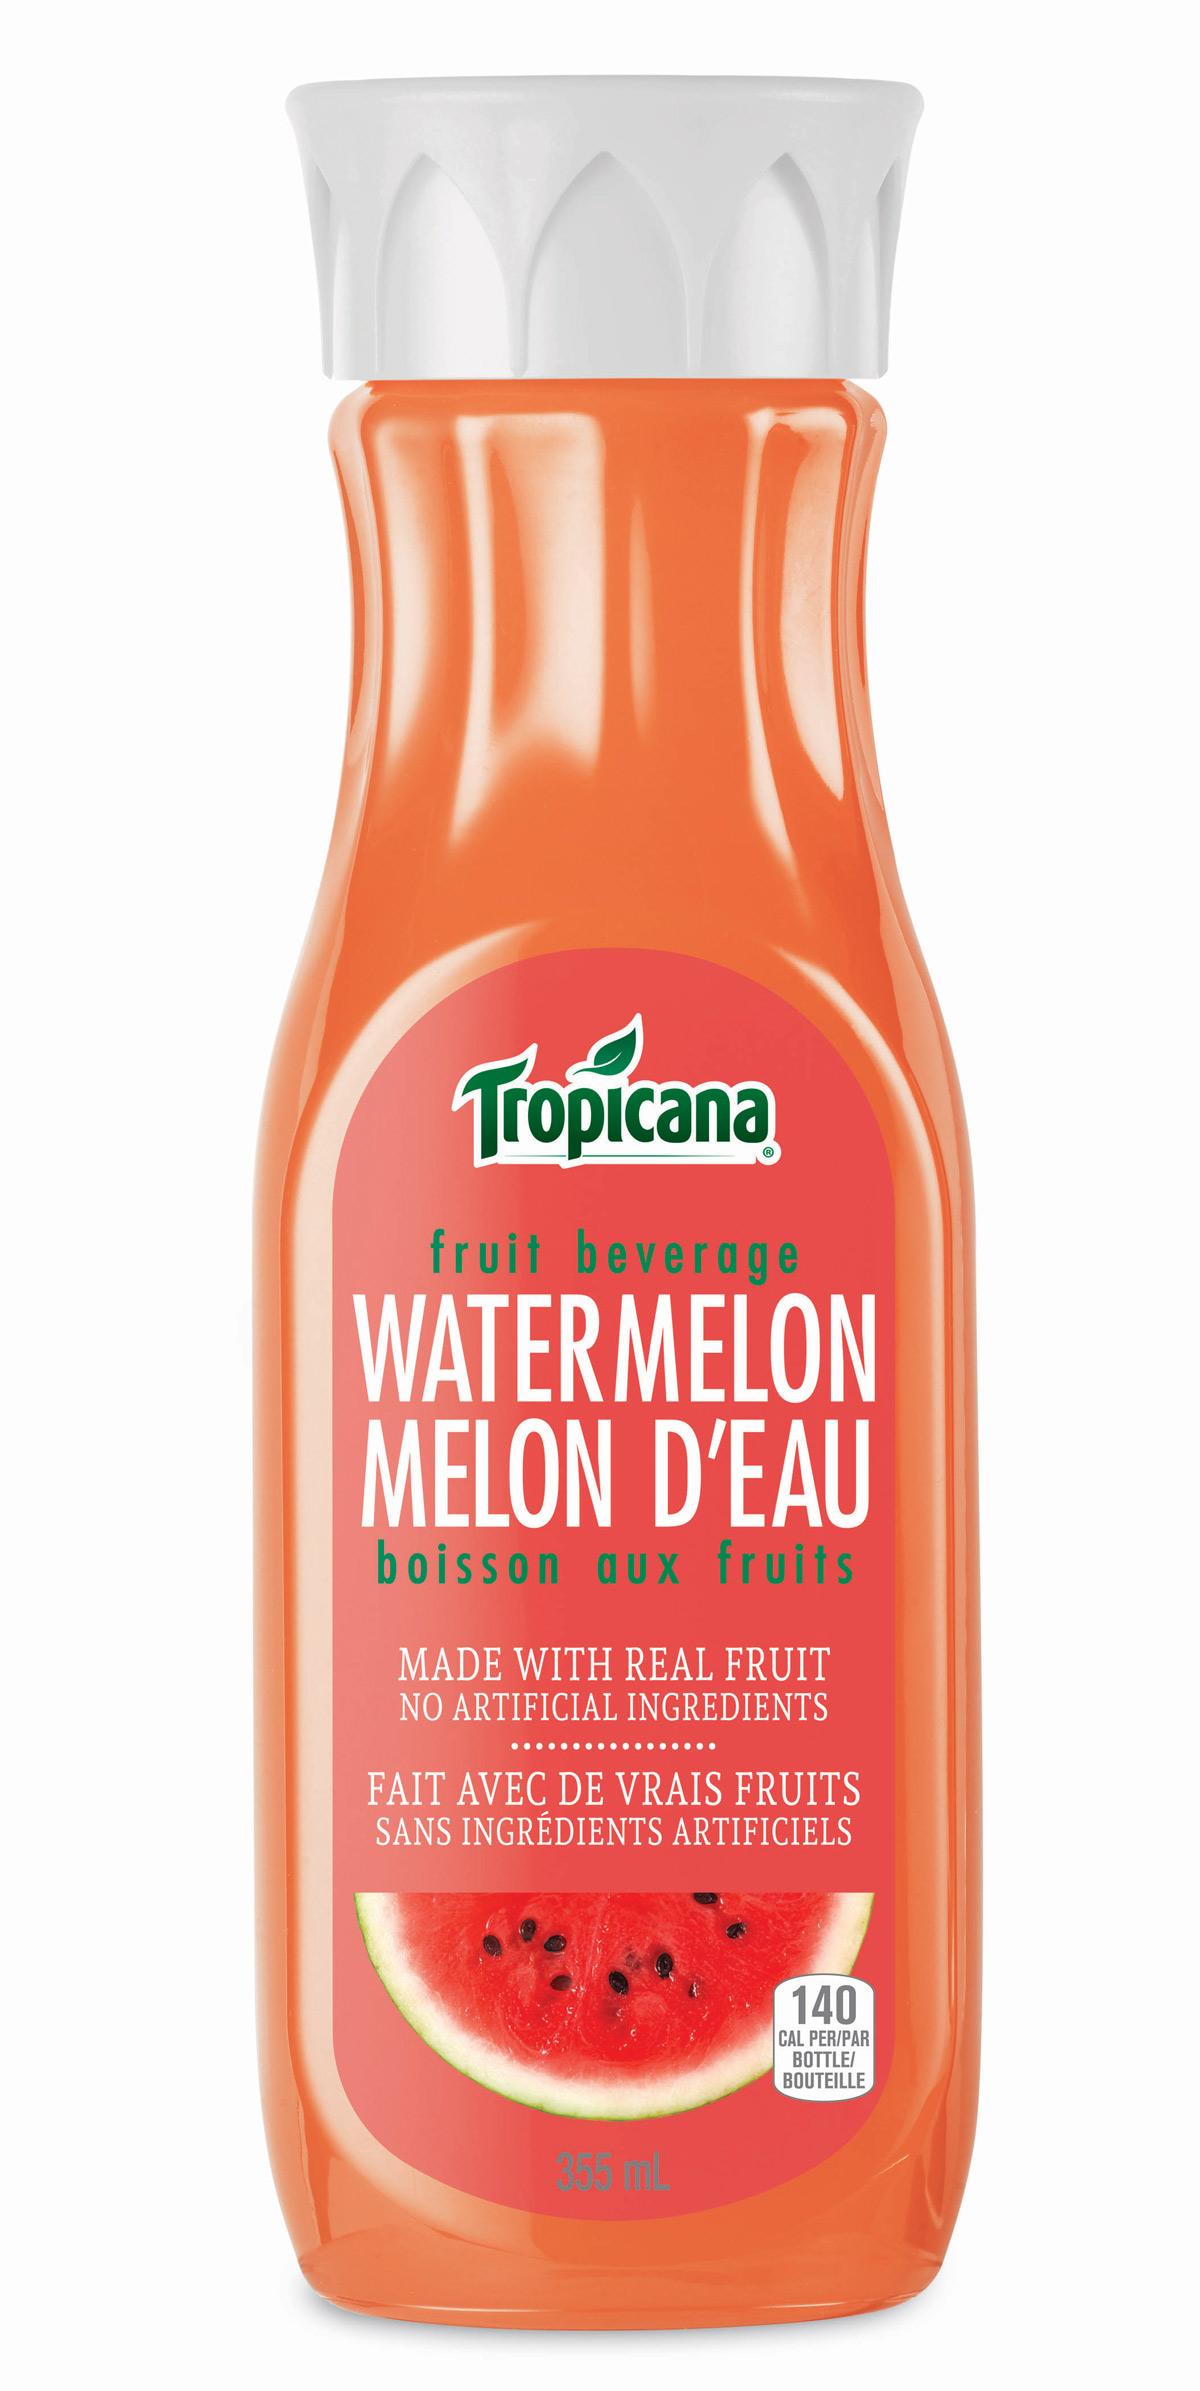 tropicana twister watermelon